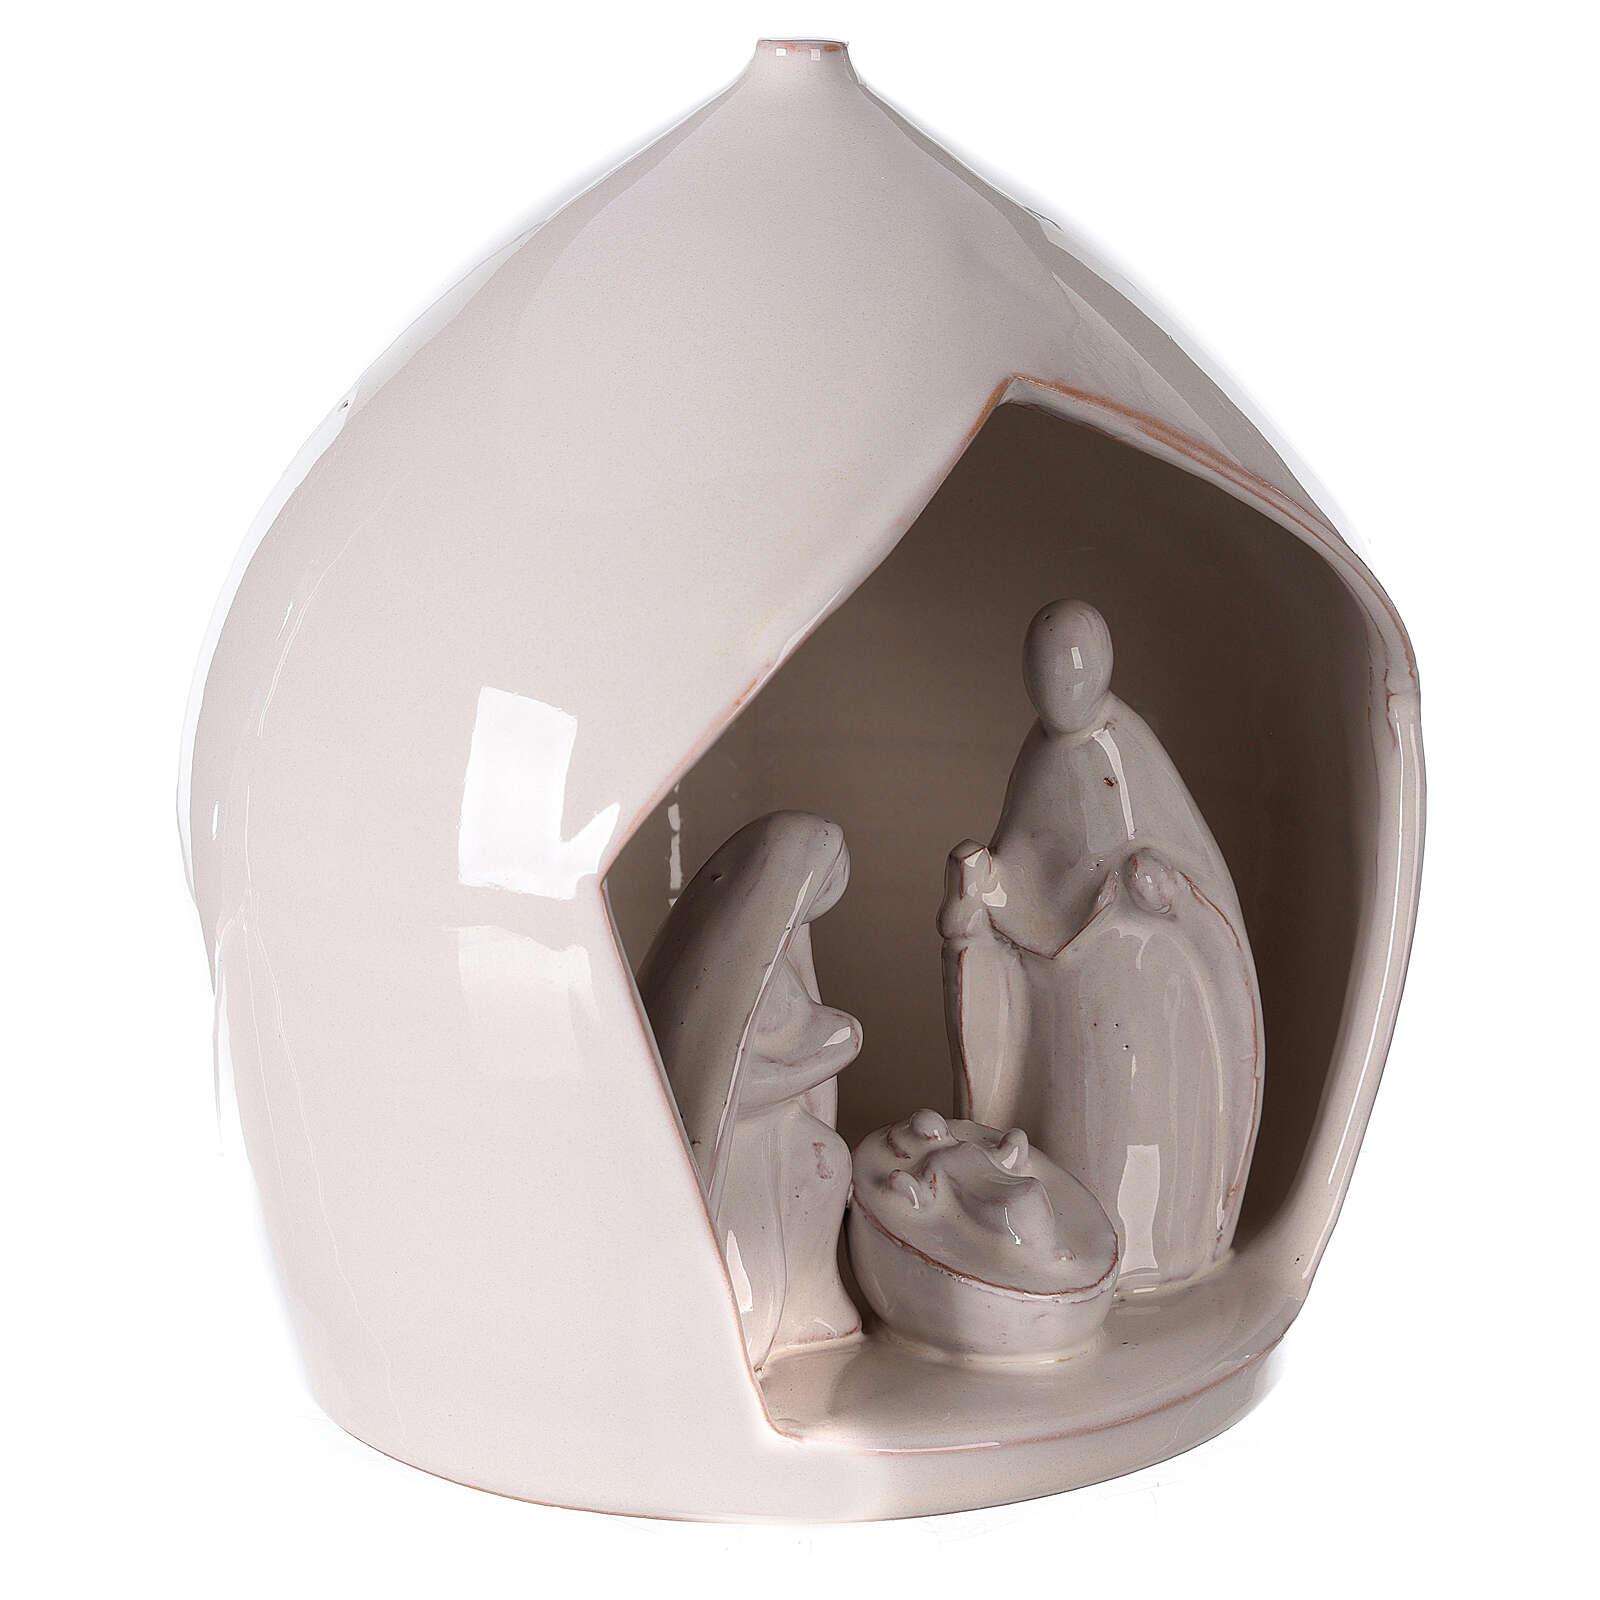 Belén terracota blanca apertura escuadrada Sagrada Familia Deruta 20x18 cm 4